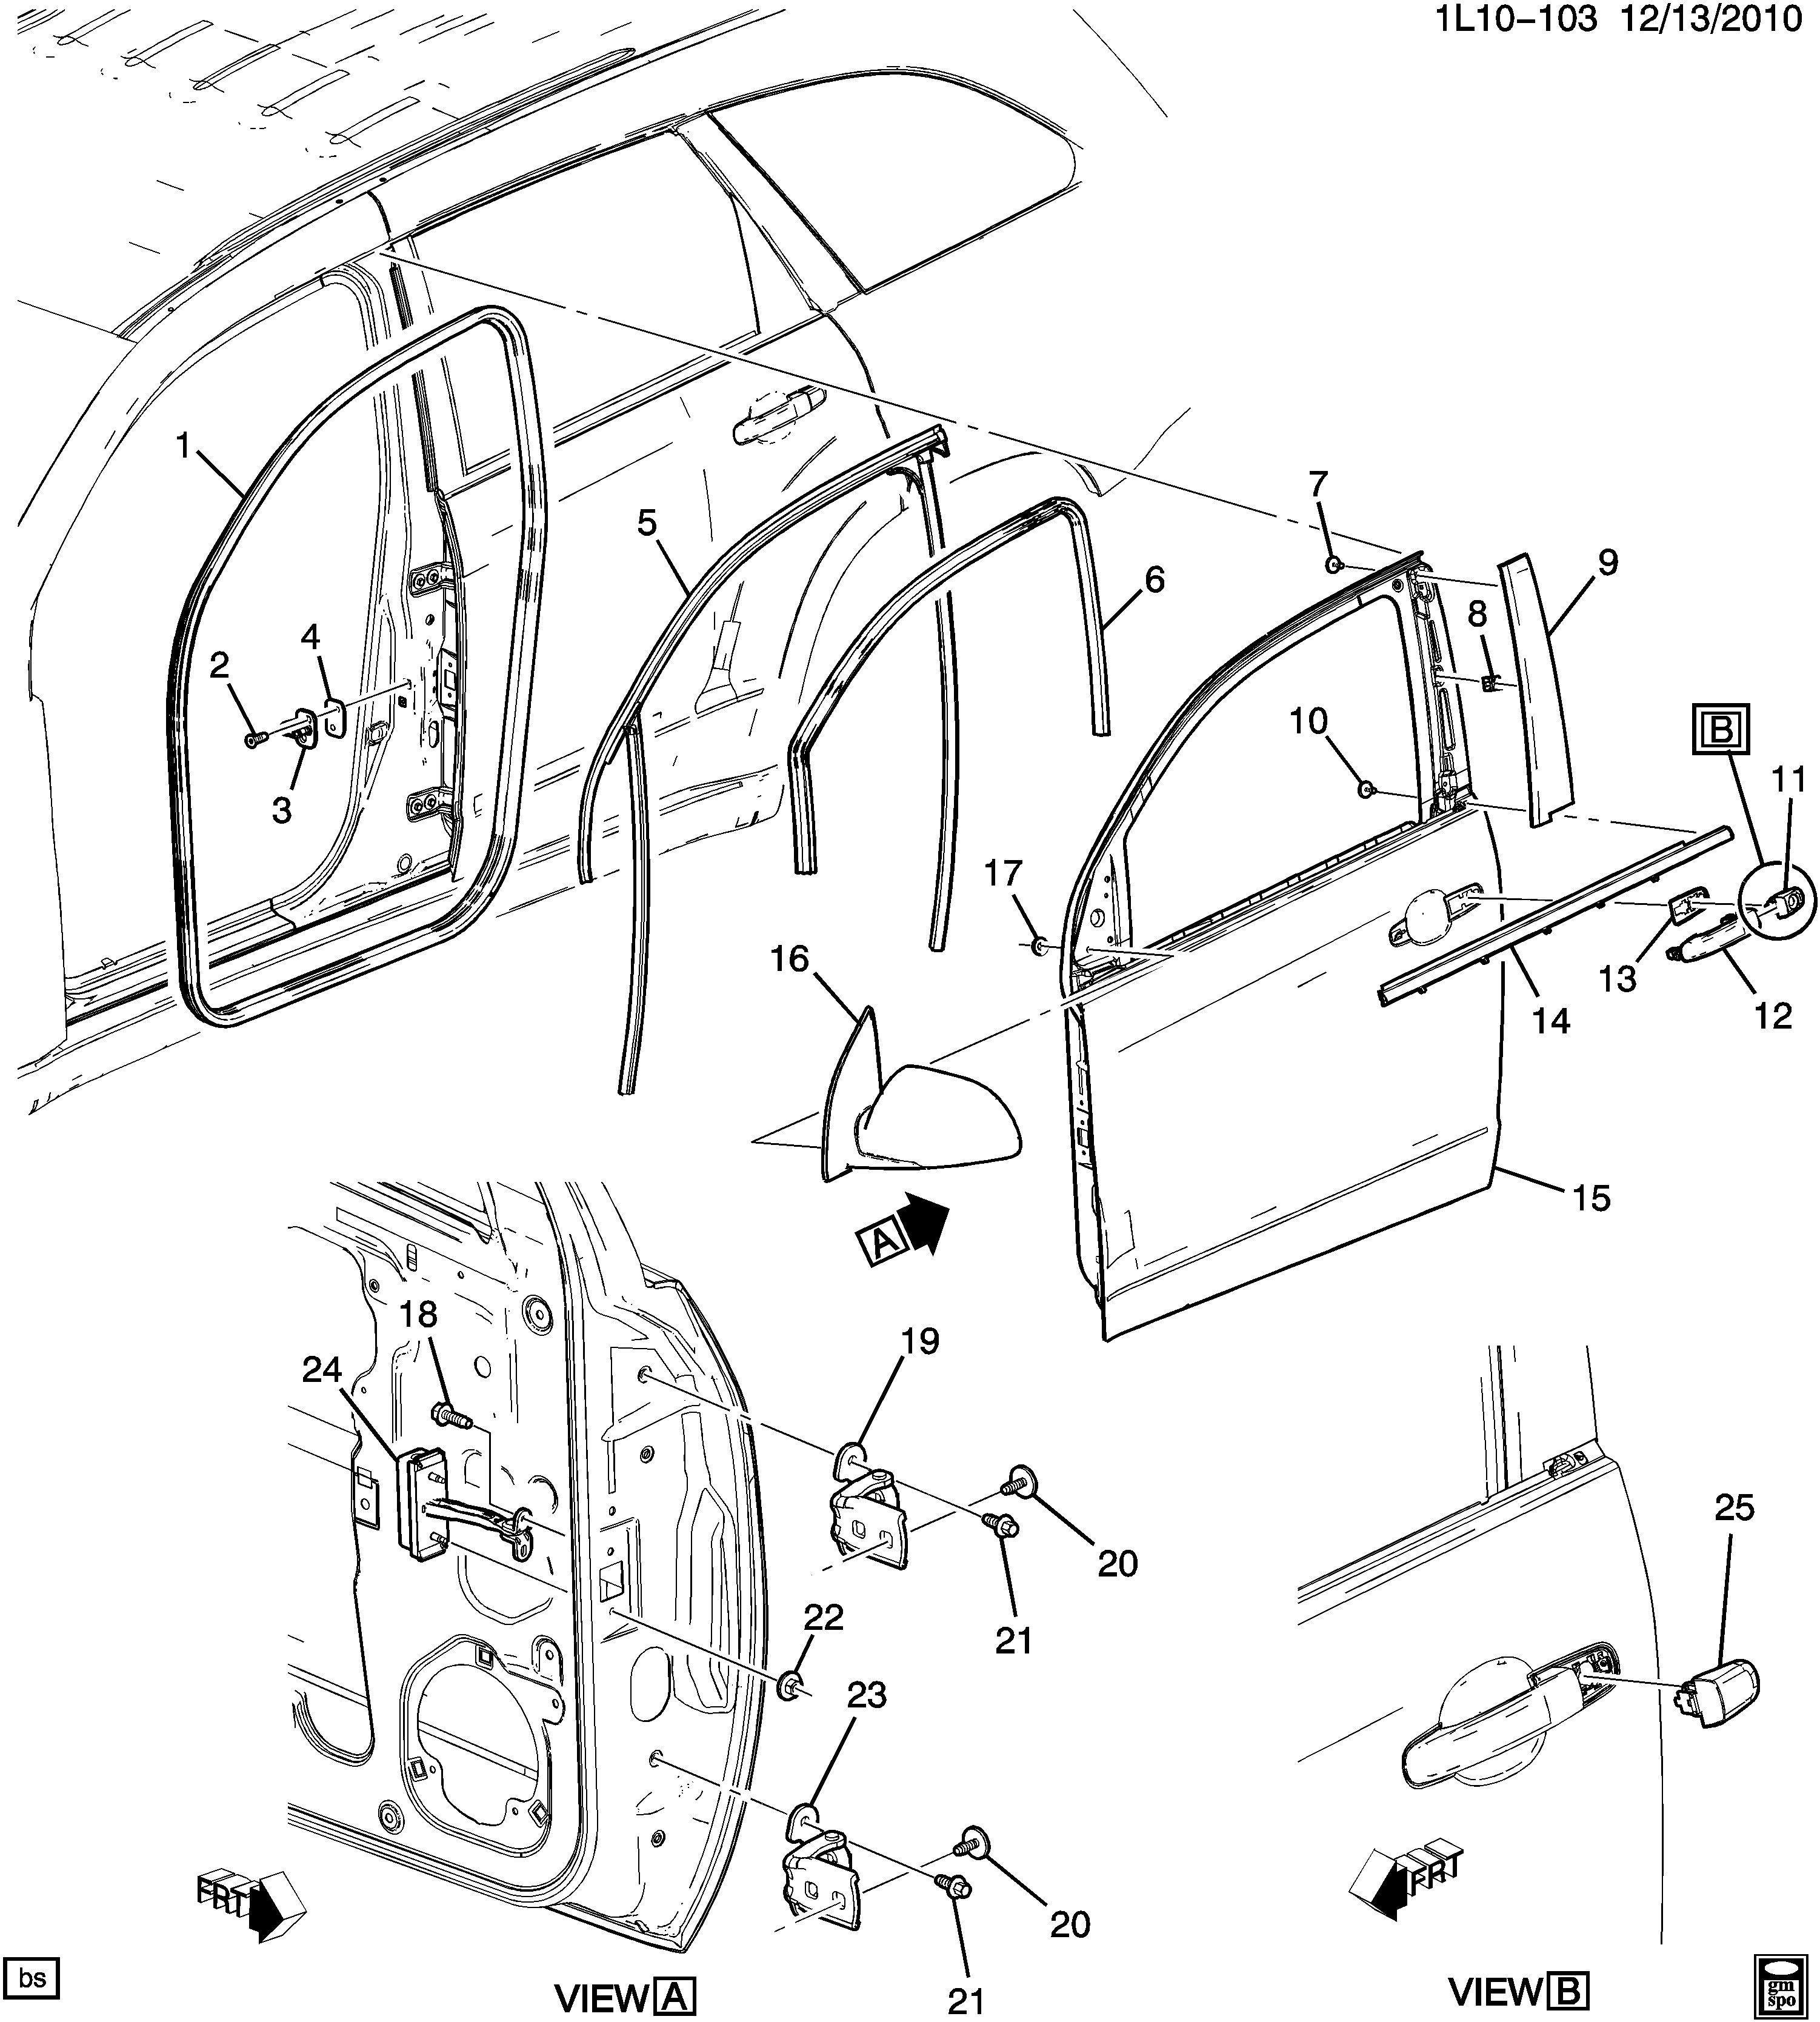 Chevrolet Equinox Lt Door Hardware Front Part 1